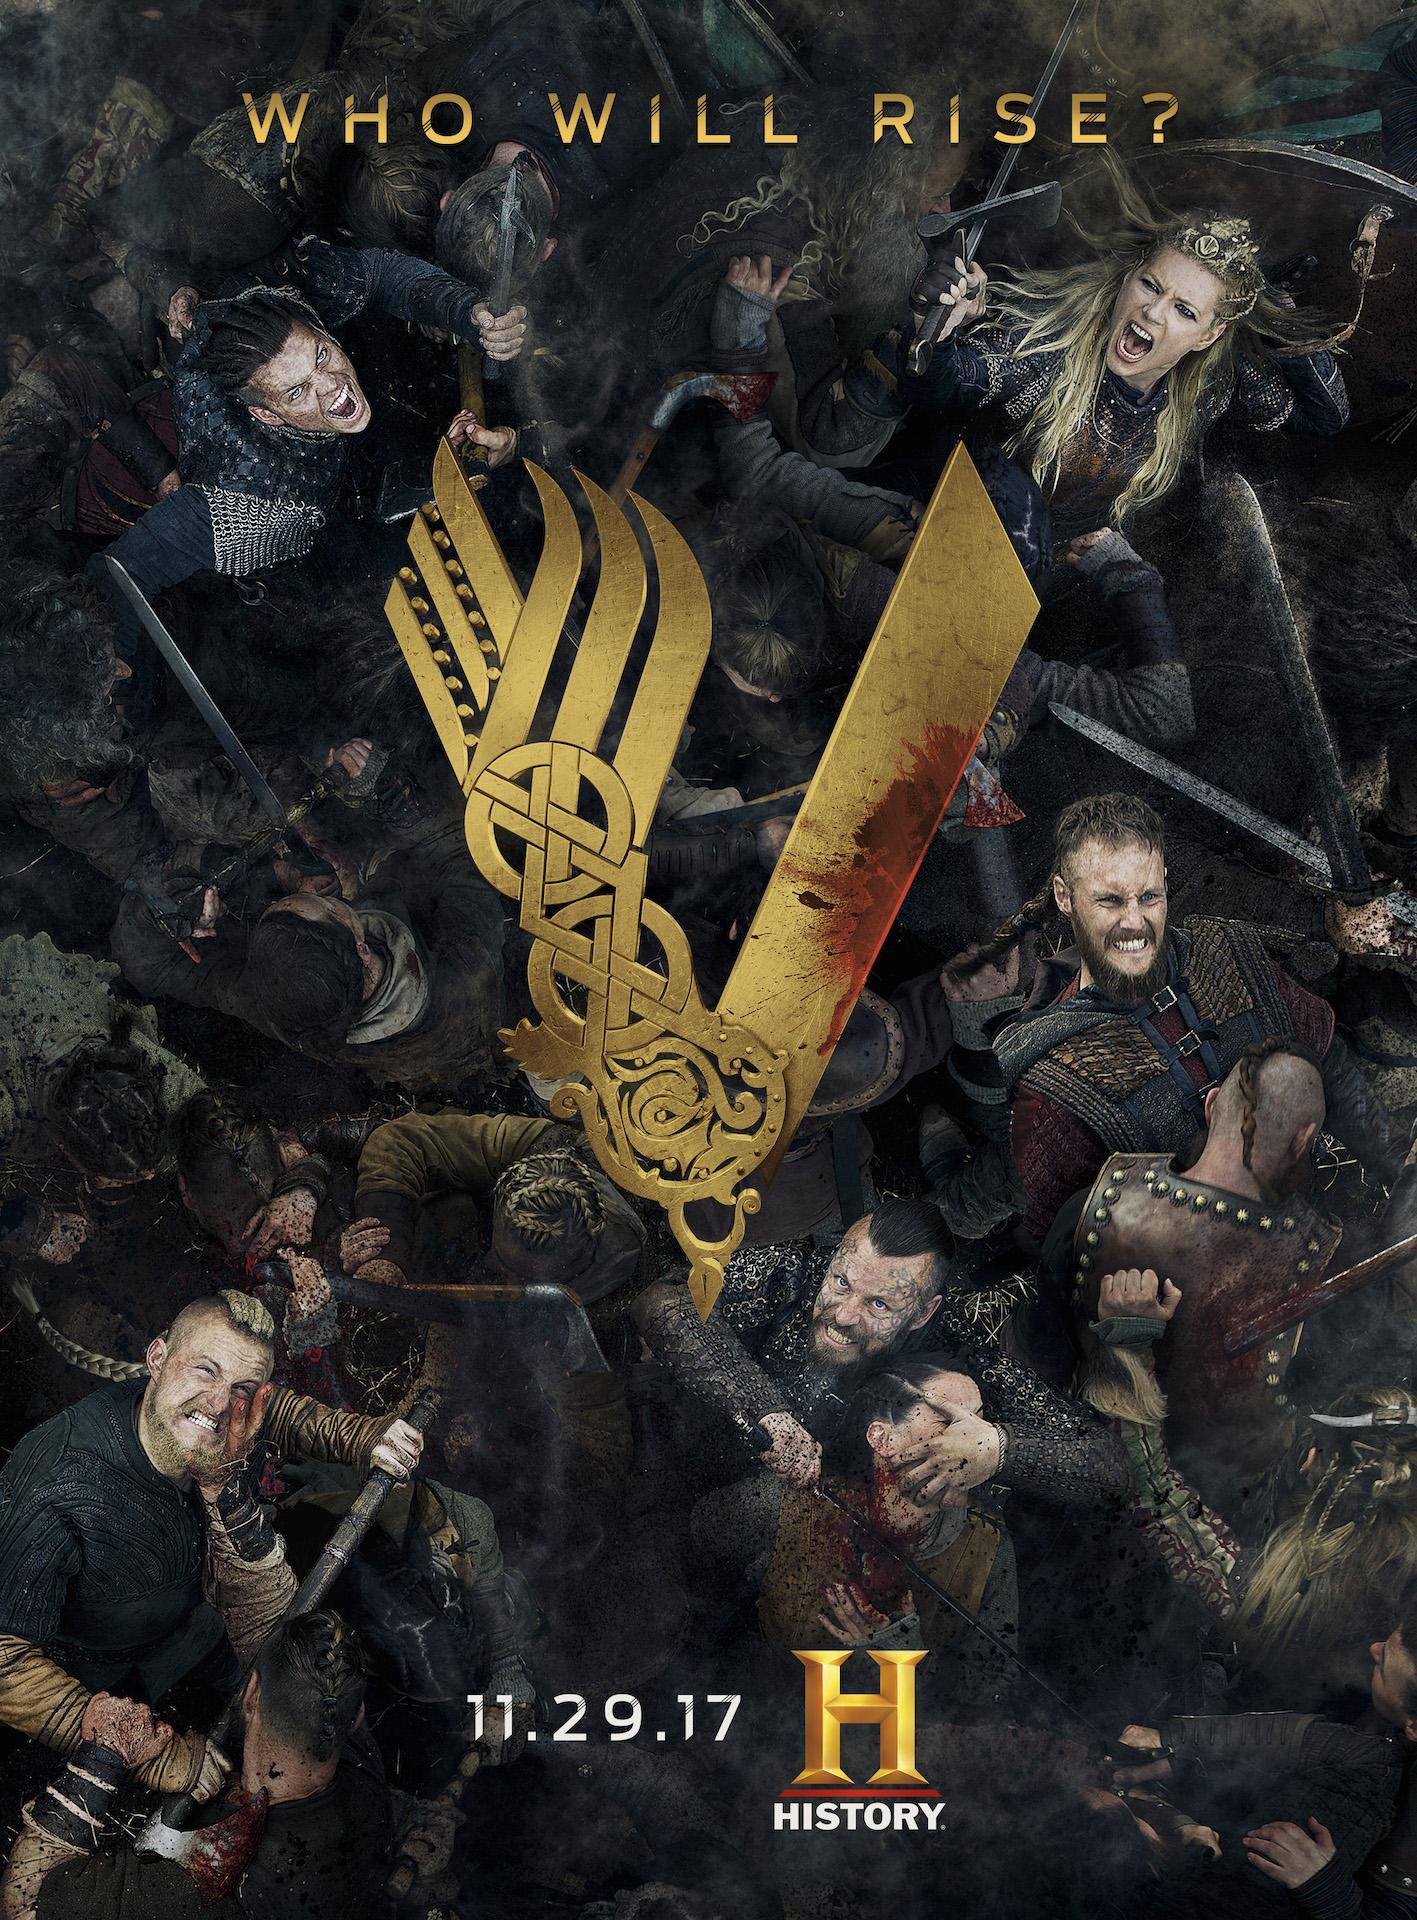 Vikings 5A keyart